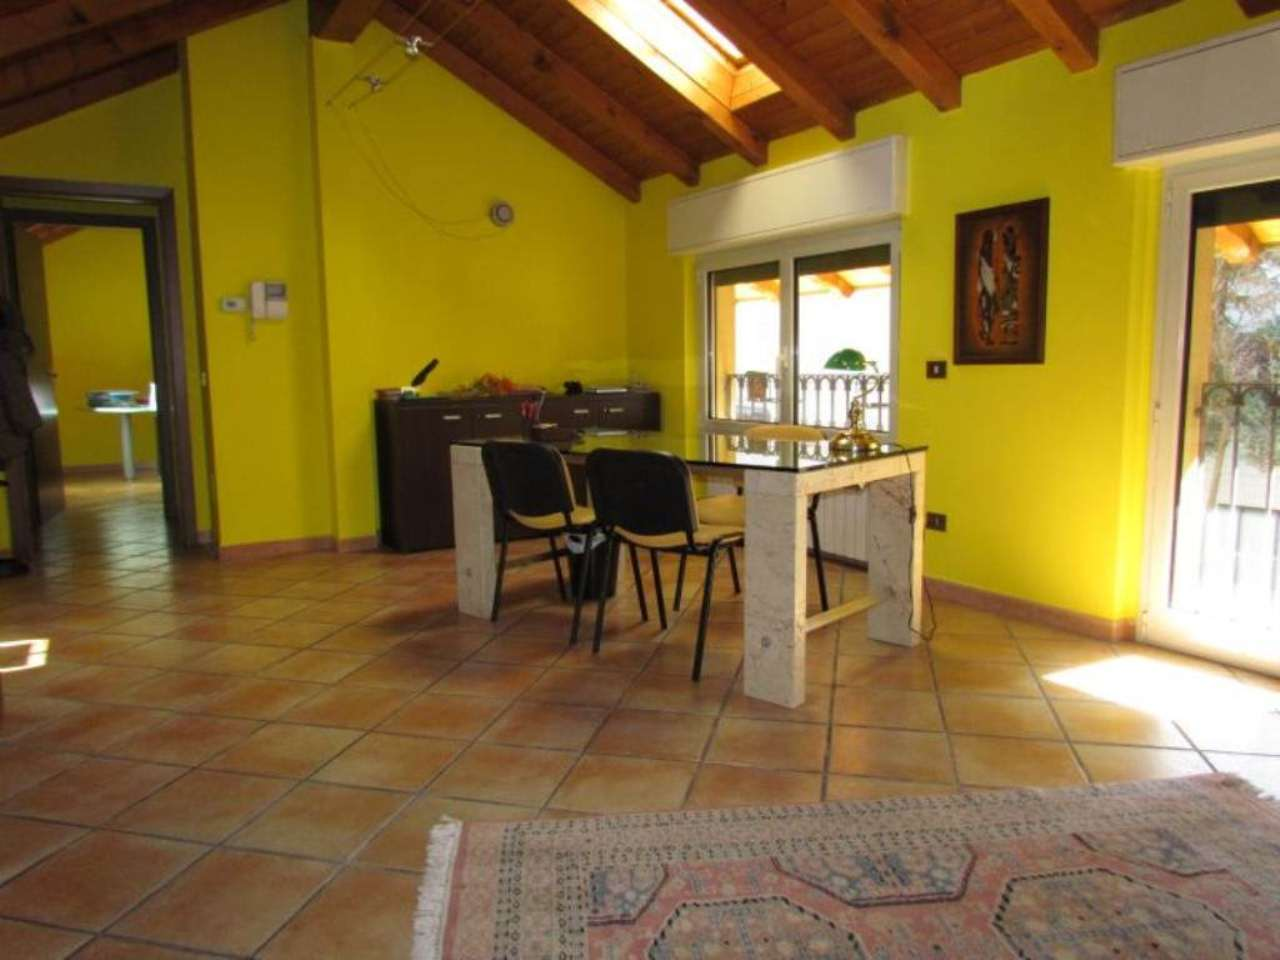 Ufficio / Studio in affitto a Tradate, 2 locali, prezzo € 625 | Cambio Casa.it